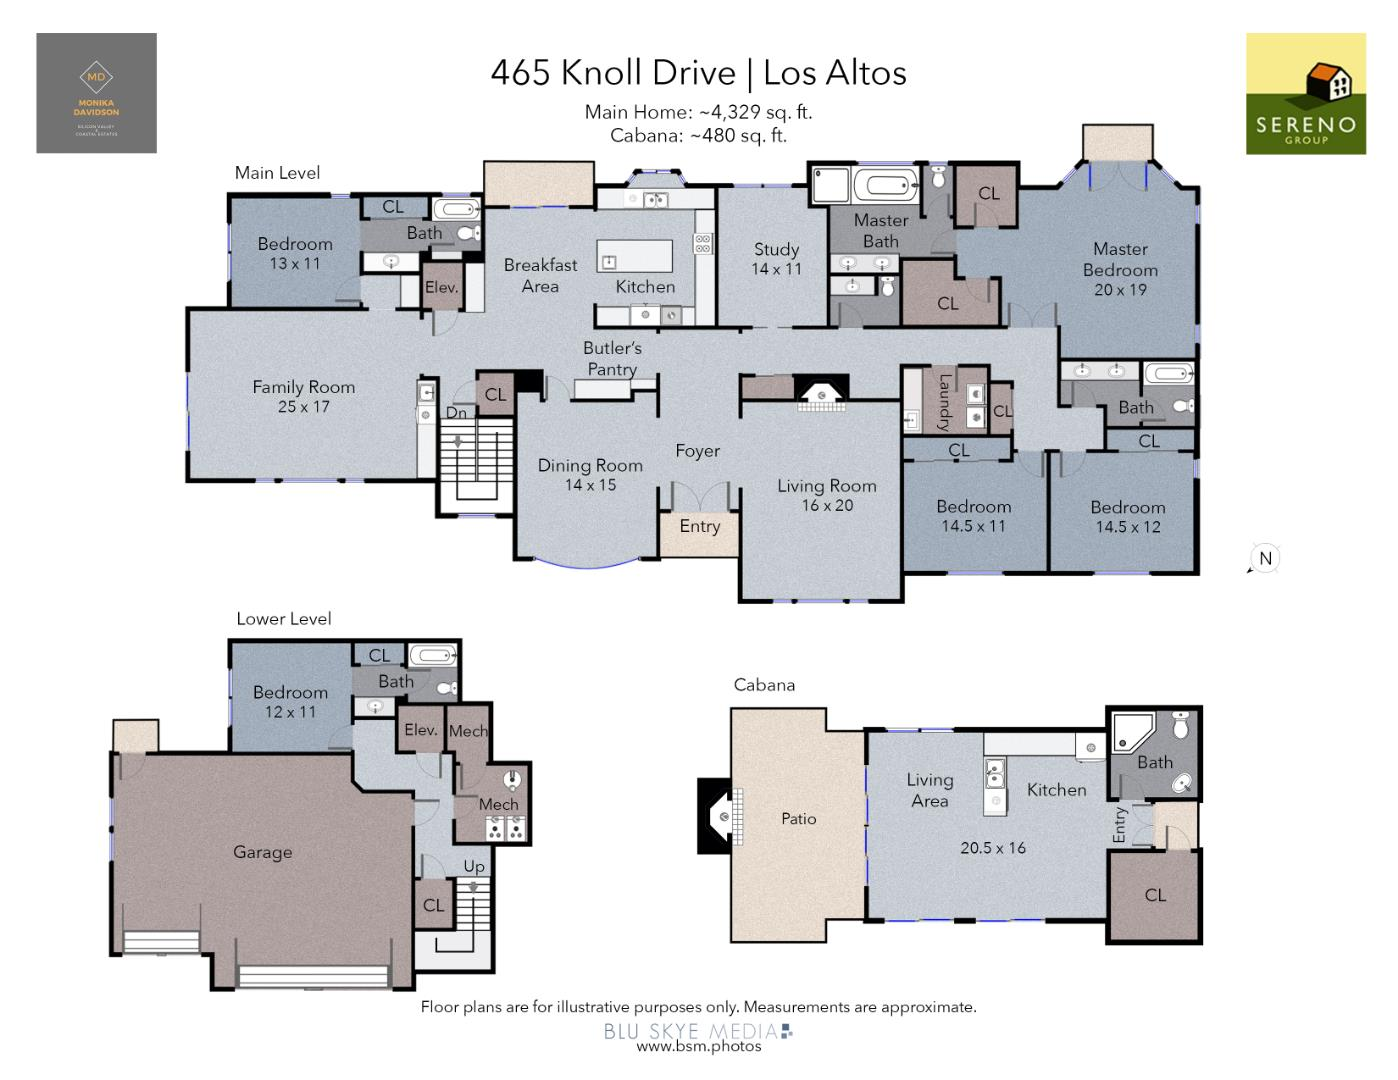 465 Knoll DR Los Altos, CA 94024